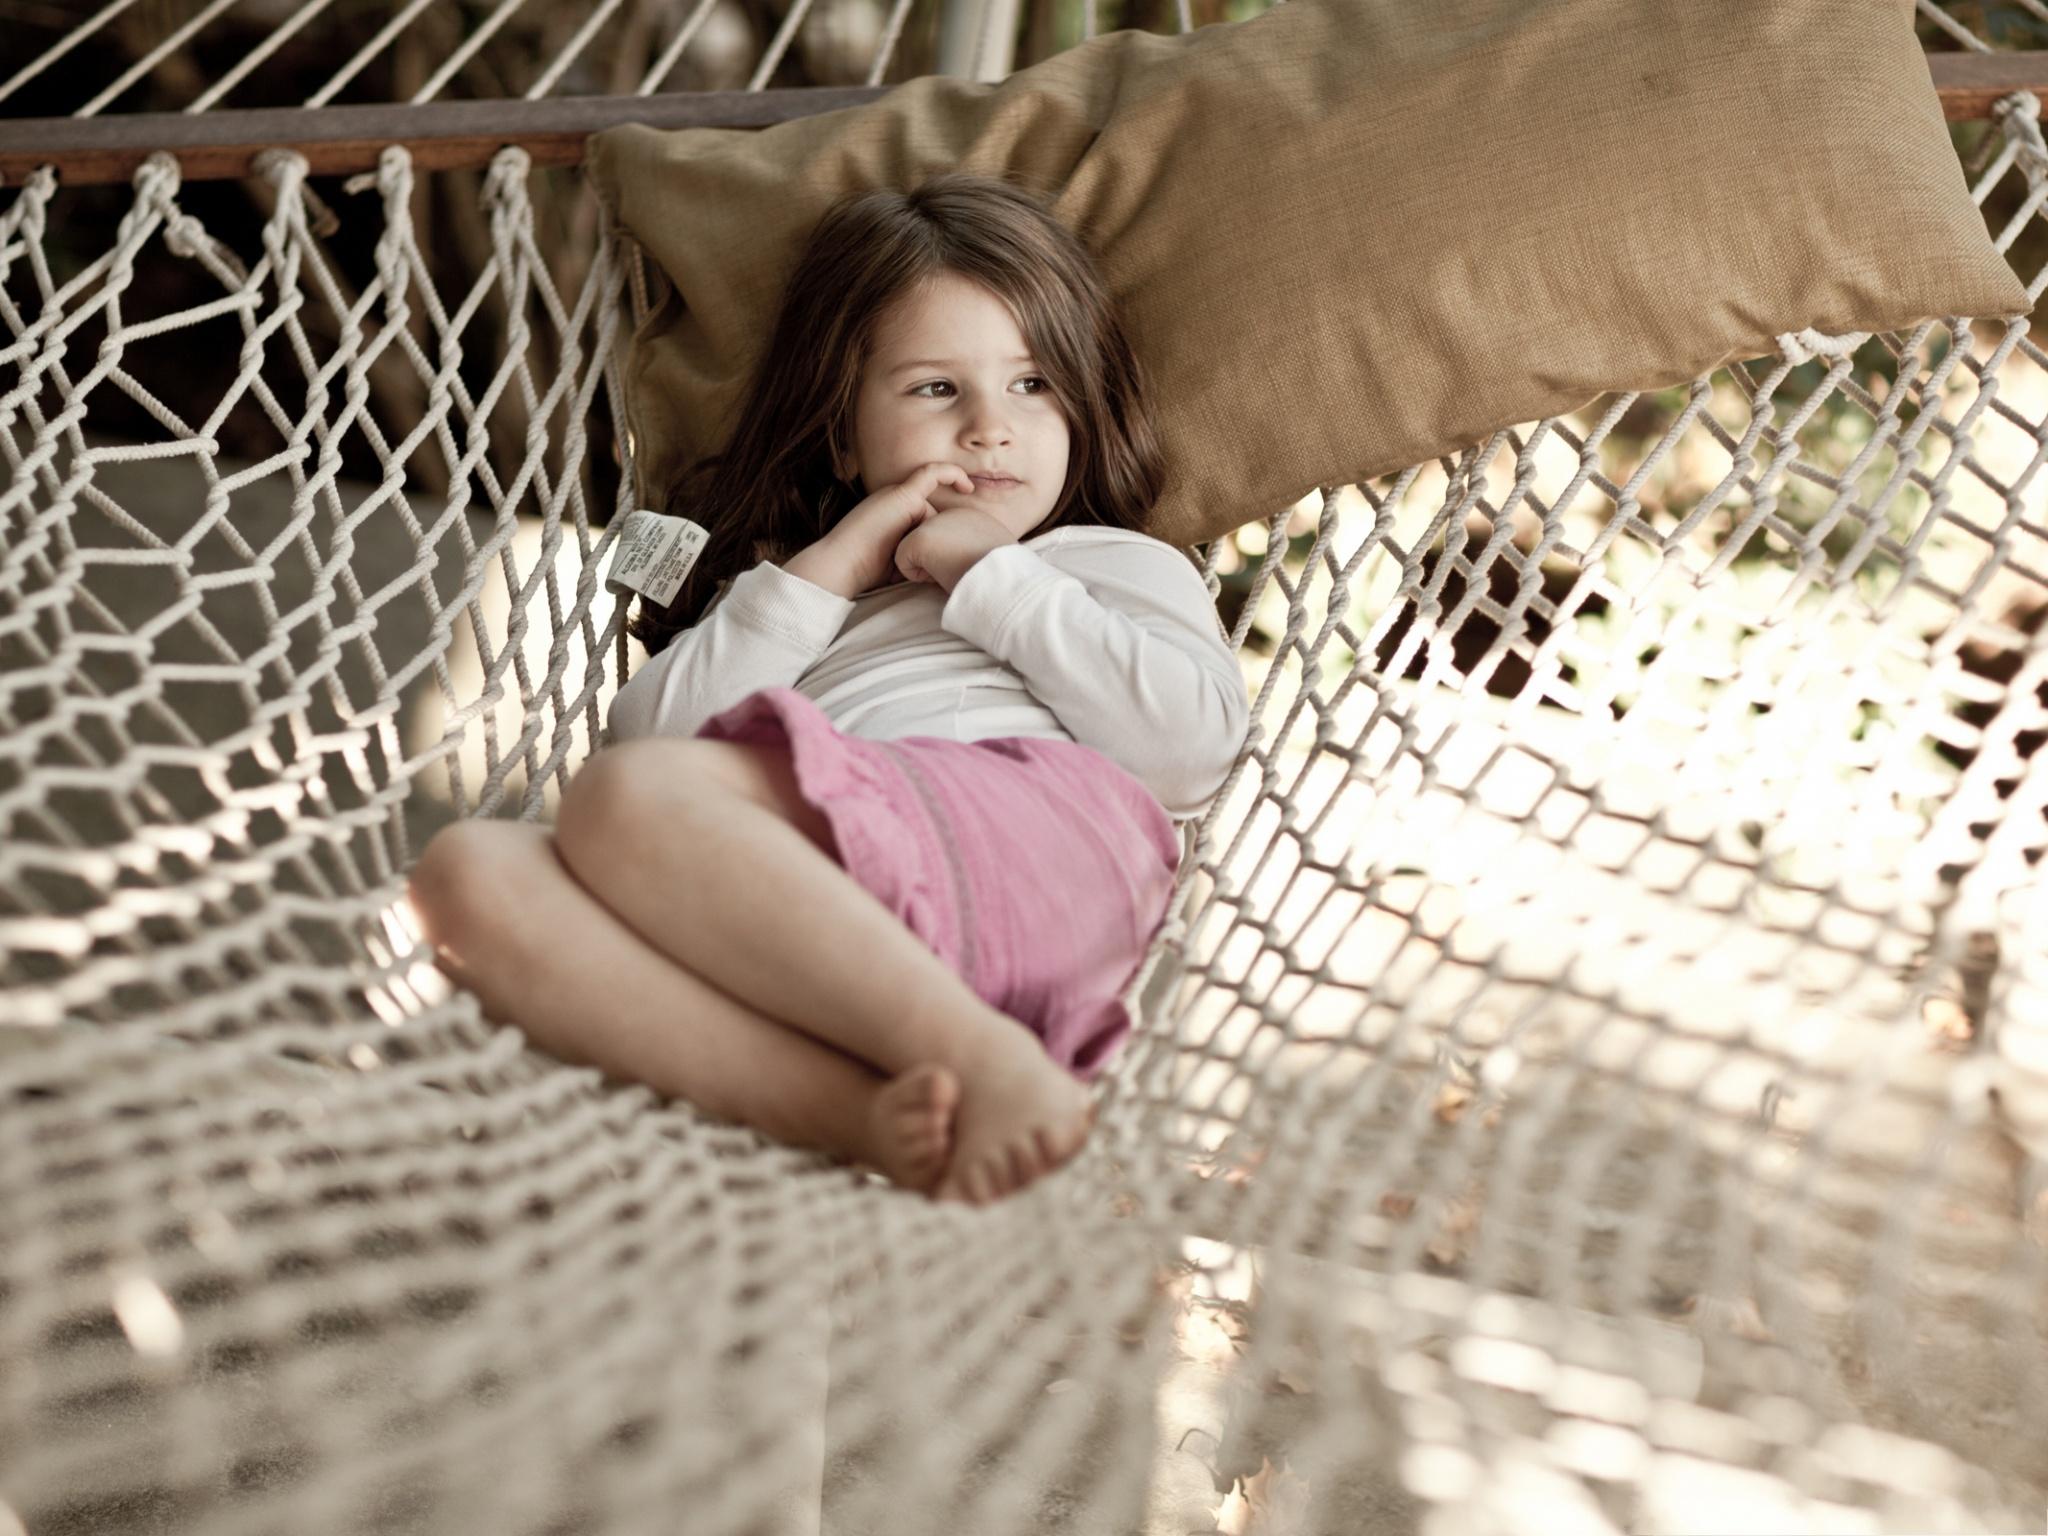 Cute Little Dolls Hd Wallpapers Little Girl Picture Baby Girl Lying On Hammock